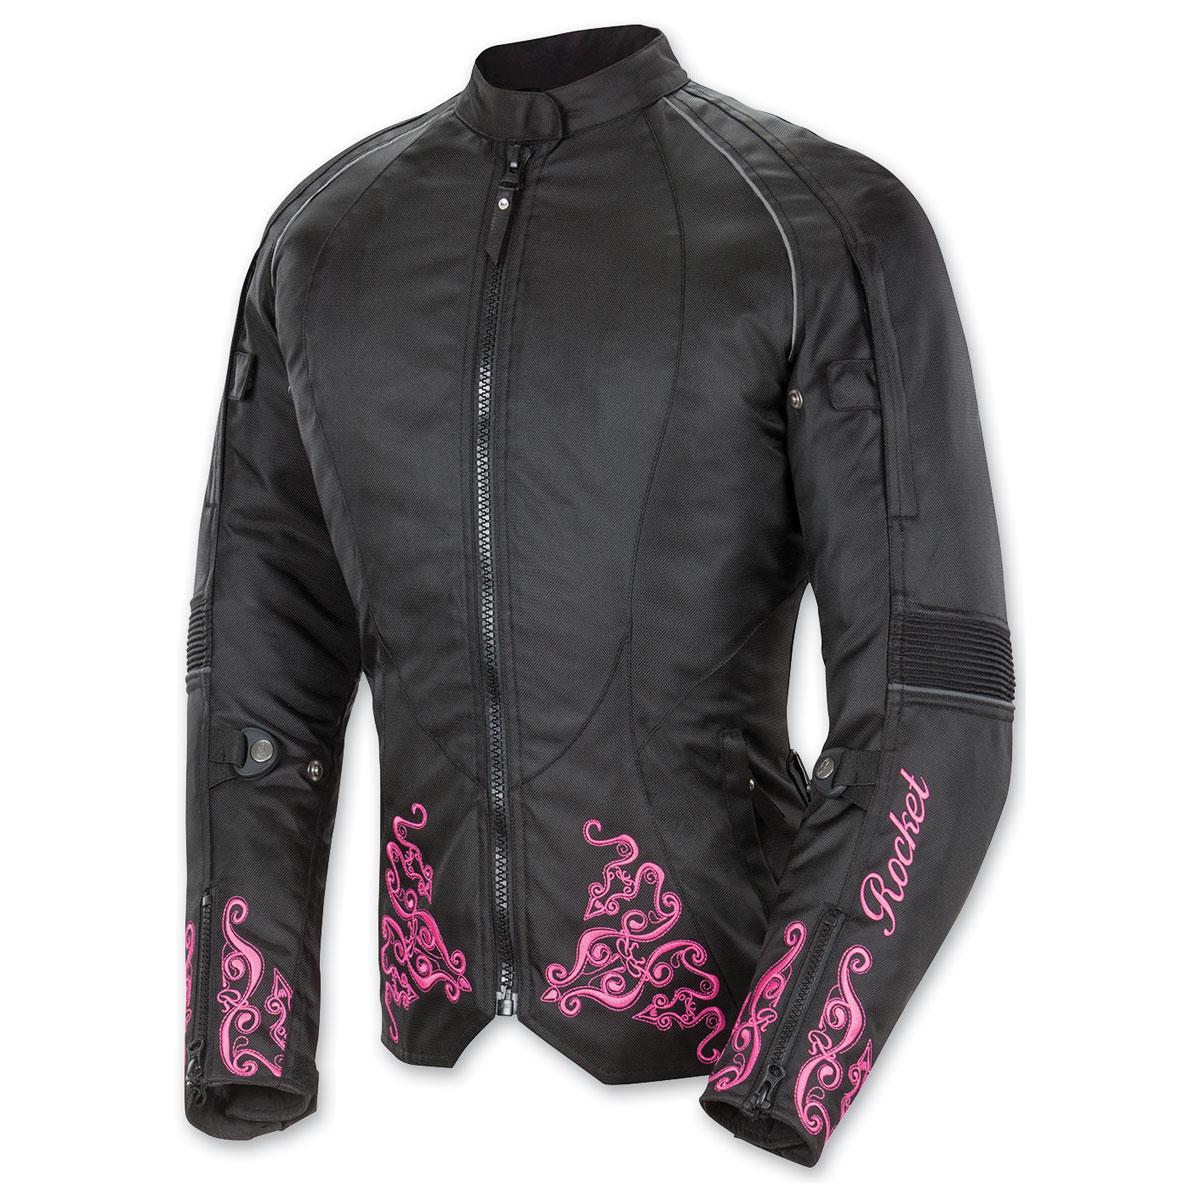 Joe Rocket Women's Heartbreaker 3.0 Pink/Black Jacket